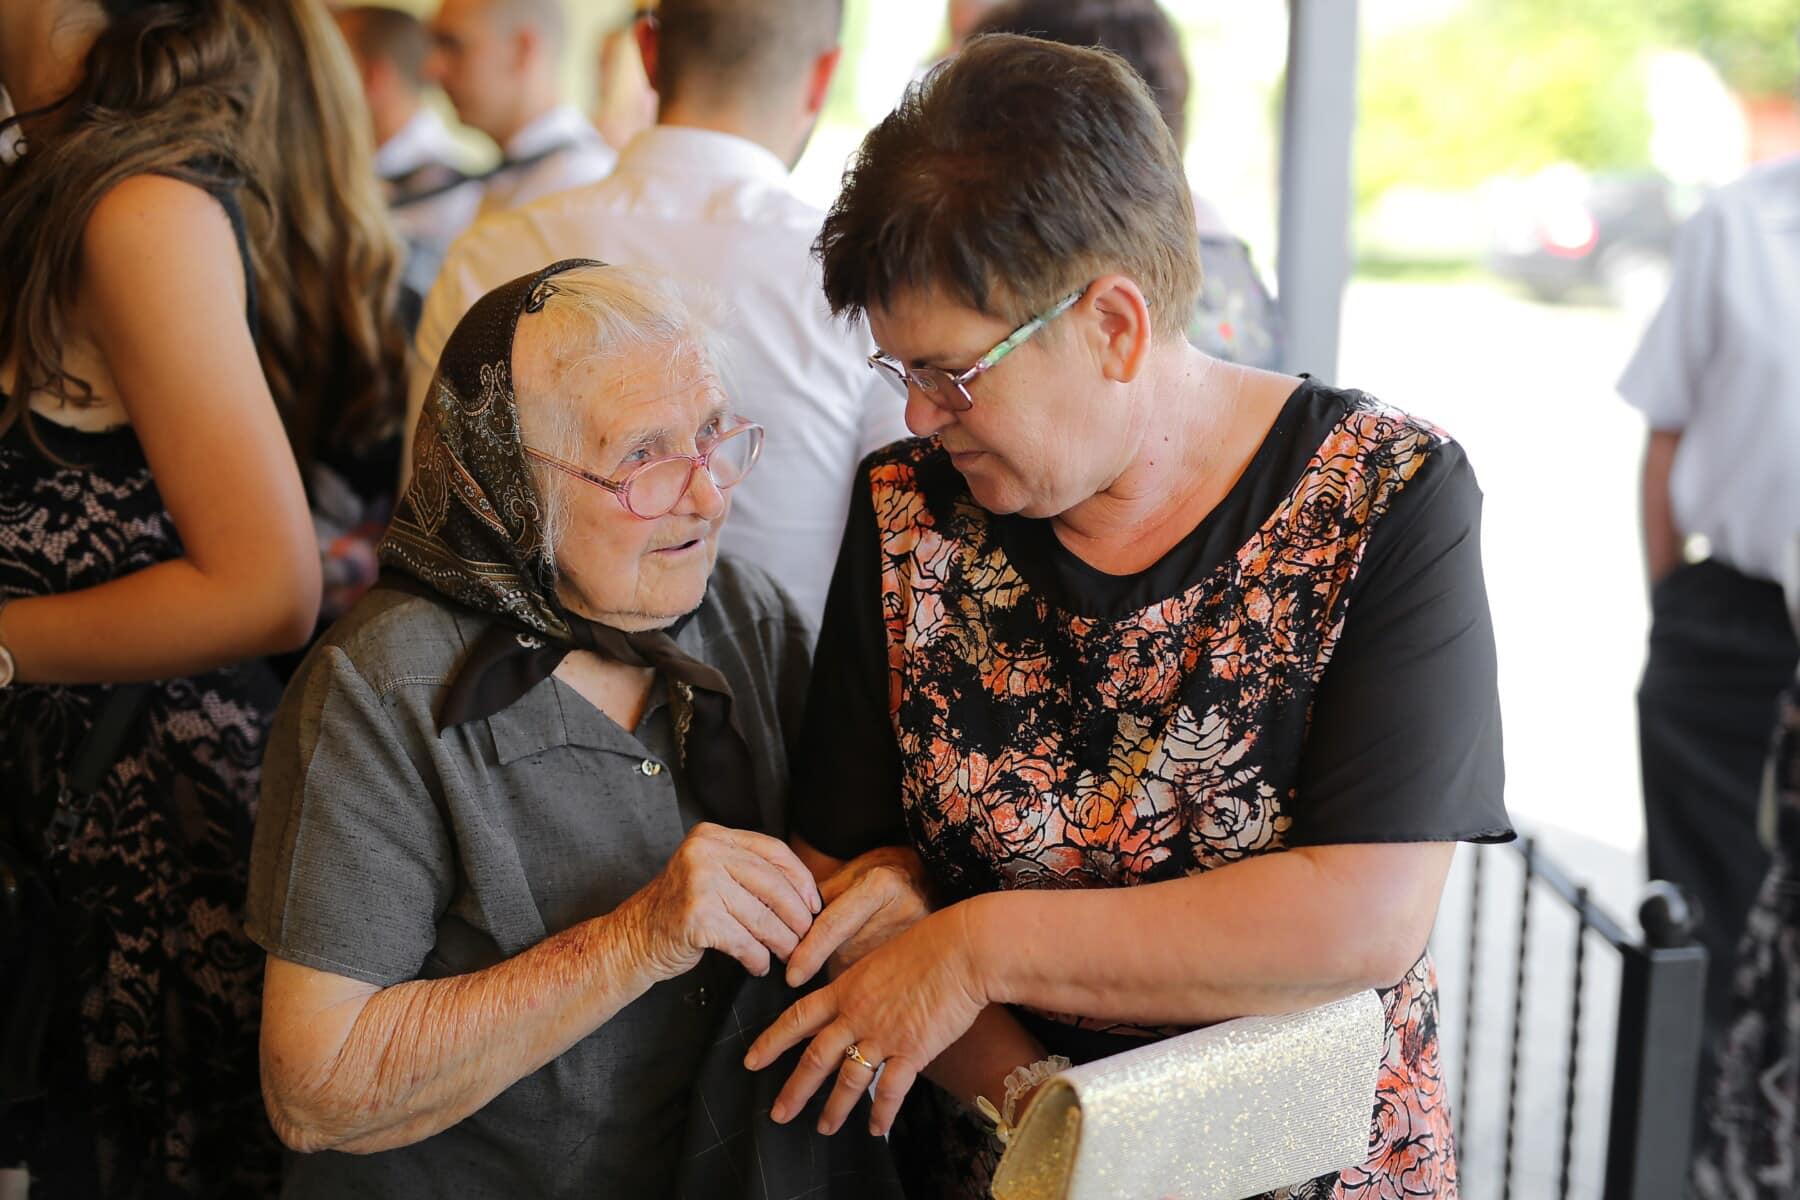 Tochter, Großmutter, Zärtlichkeit, Augenblick, Gespräch, ältere Menschen, Familie, Frau, Senior, Menschen